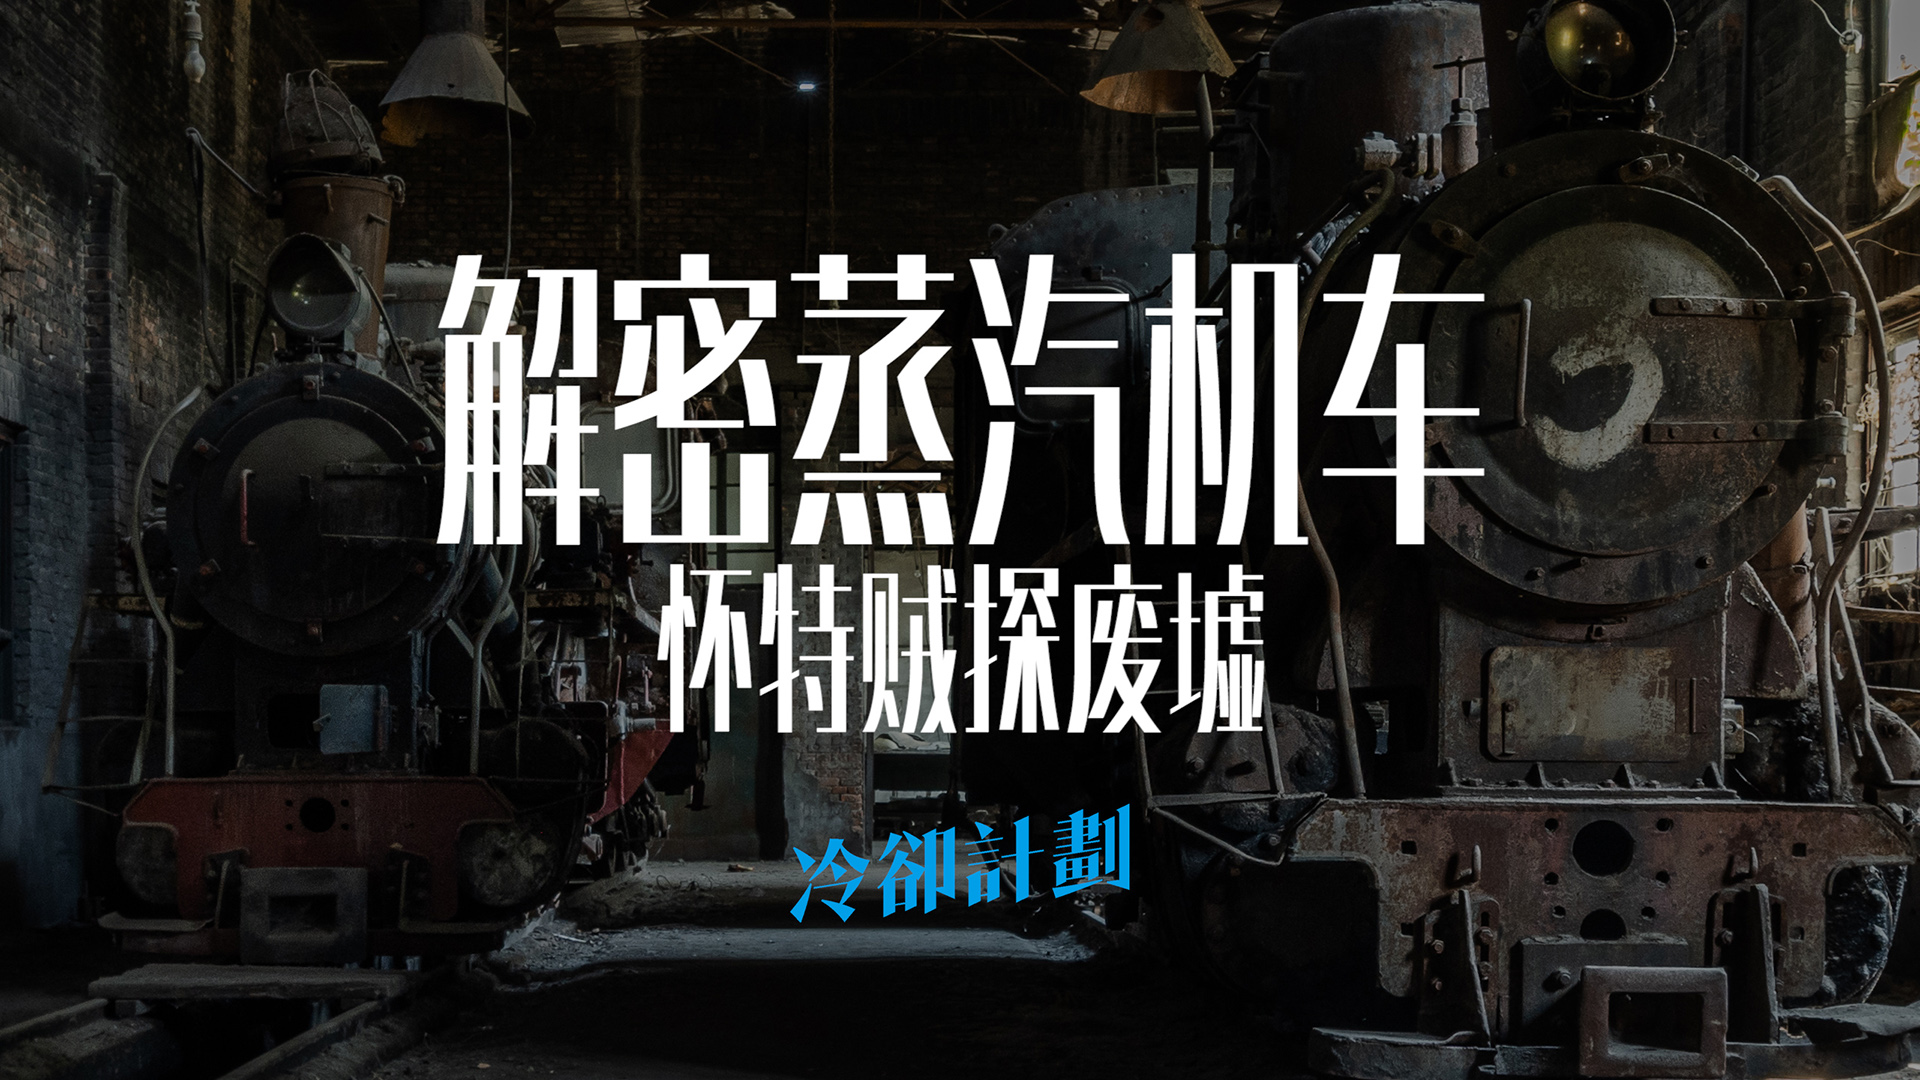 解密蒸汽机车-怀特贼探废墟-VOL001-封面图-1080